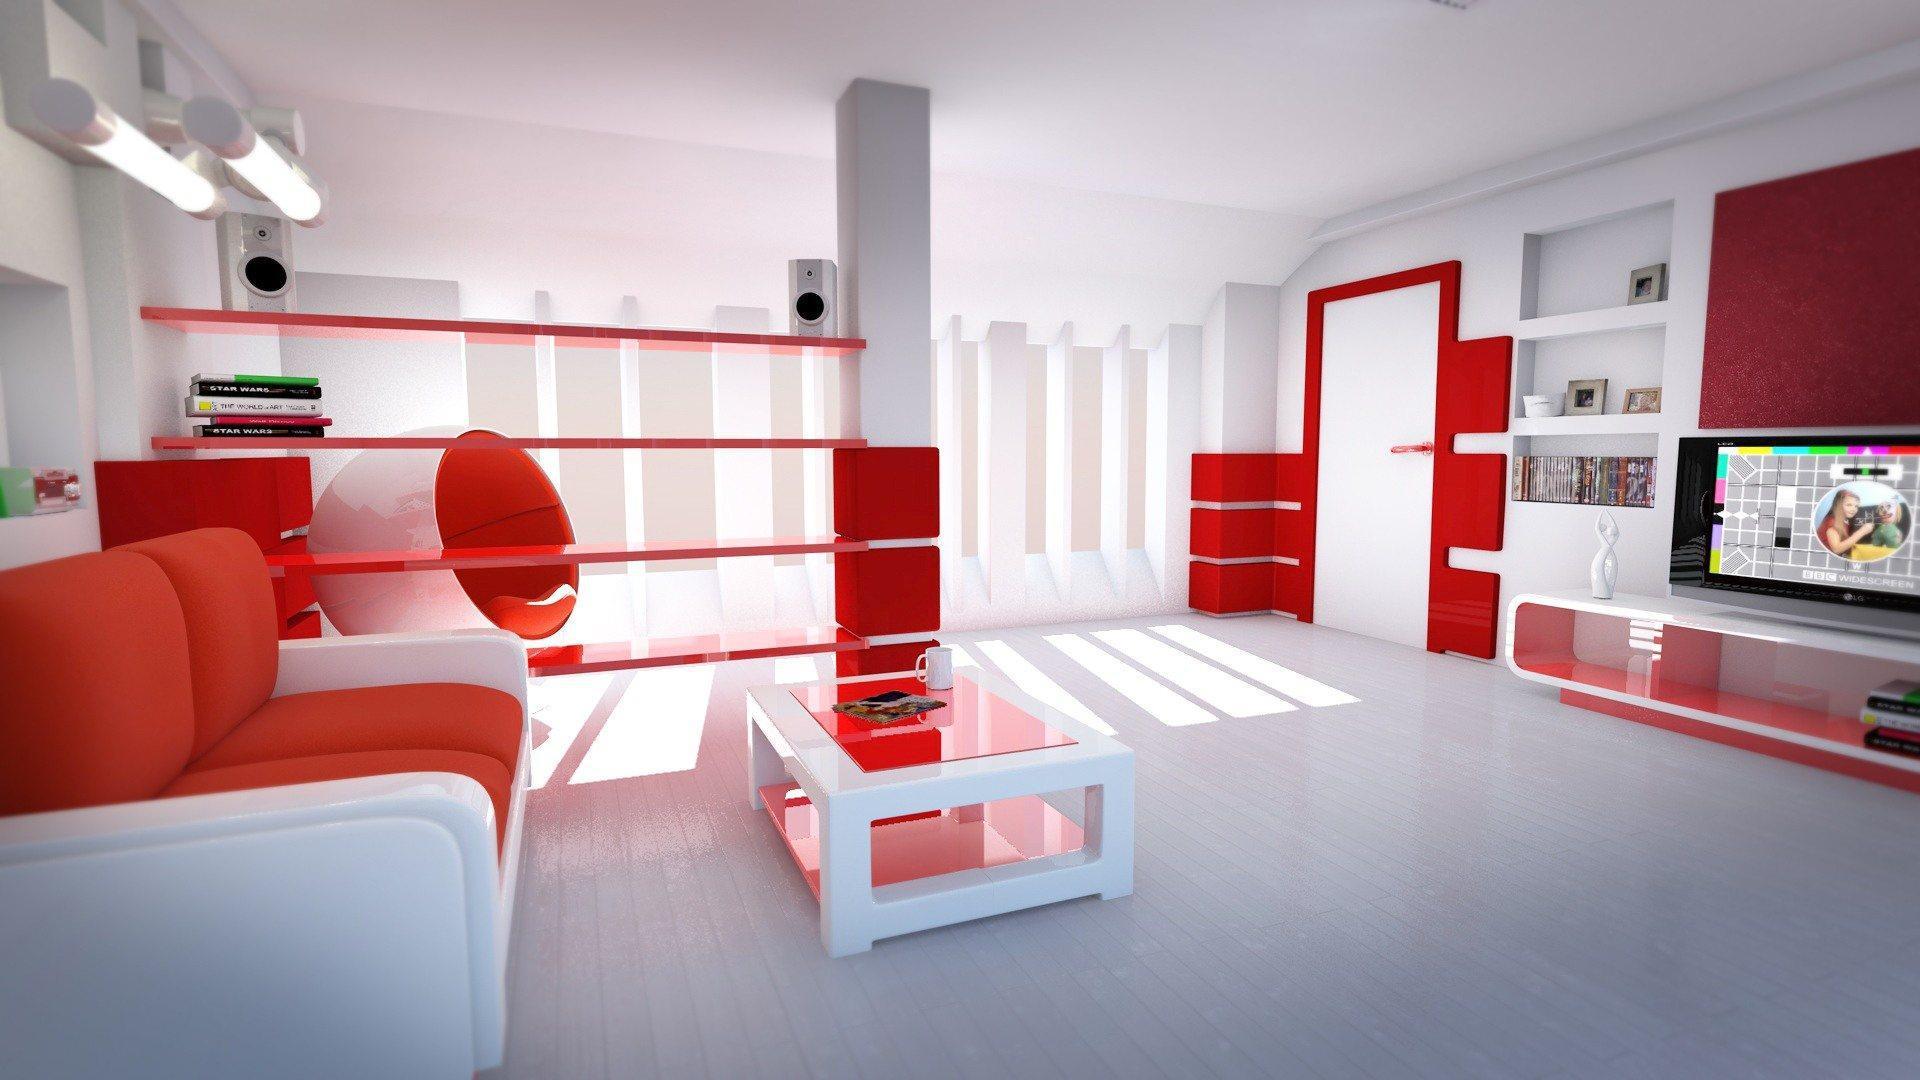 Shubham 3d Wallpaper インテリアデザイン((赤))のhdデスクトップの壁紙:ワイドスクリーン:高精細:フルスクリーン